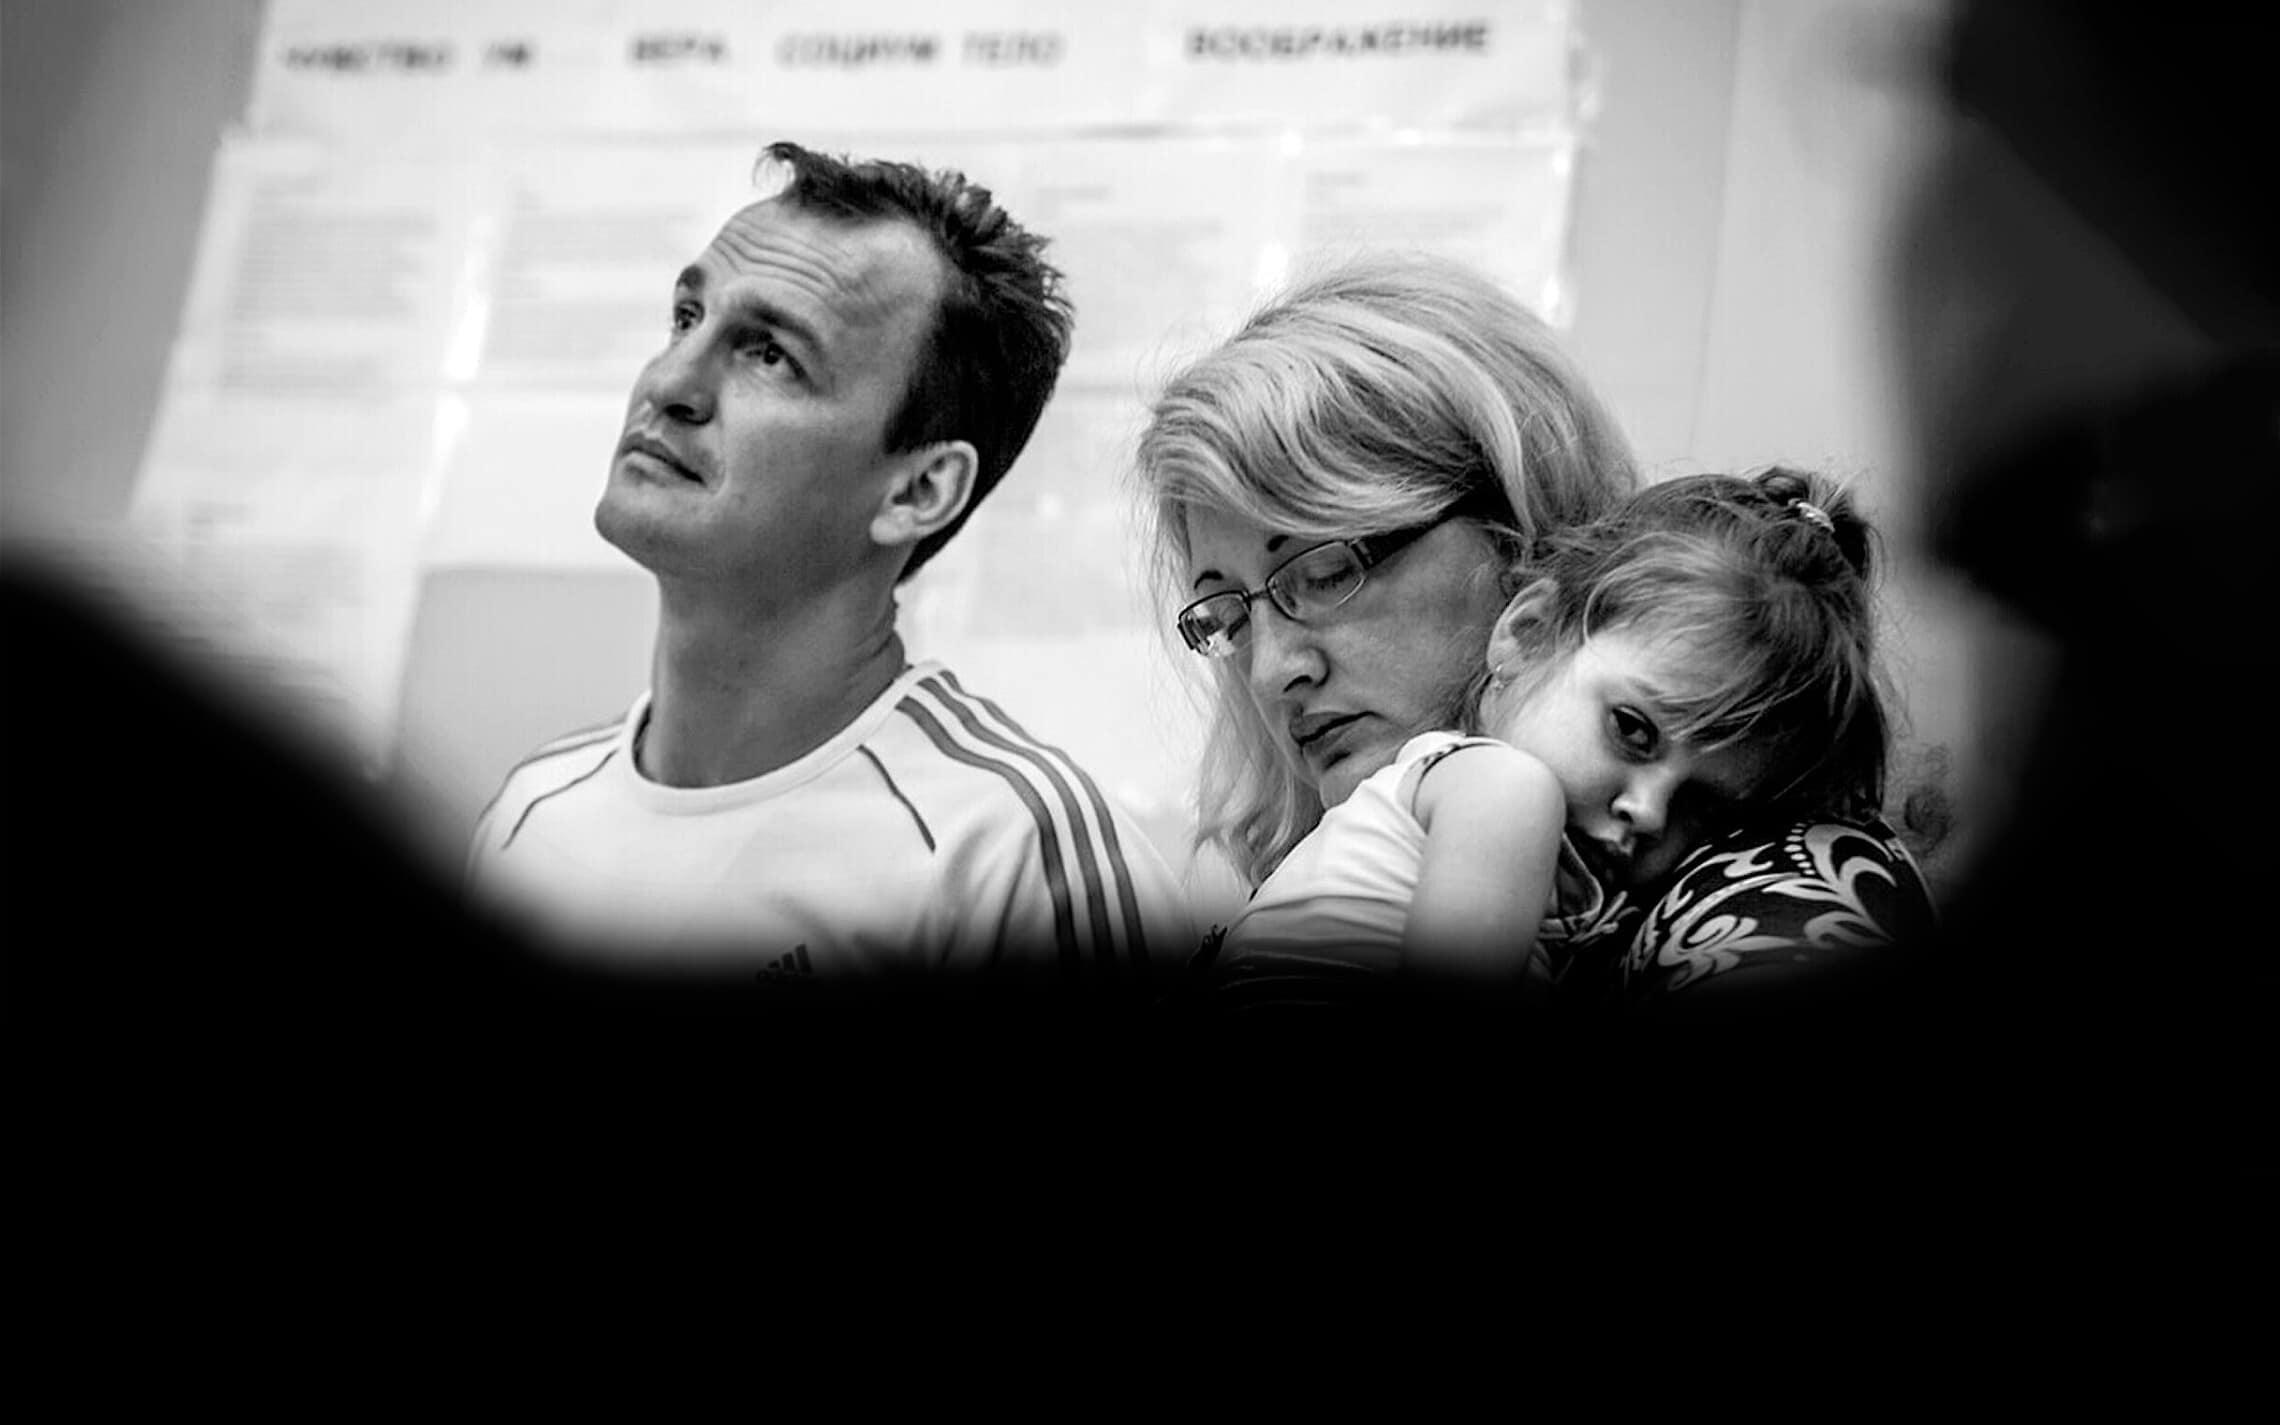 """משפחות ההרוגים בהתרסקות המטוס הסיבירי בטיסה 1812 מחכות למידע על יקיריהן, אוקטובר 2001 (צילום: אדוארד קפרוב, עמותת סל""""ע)"""